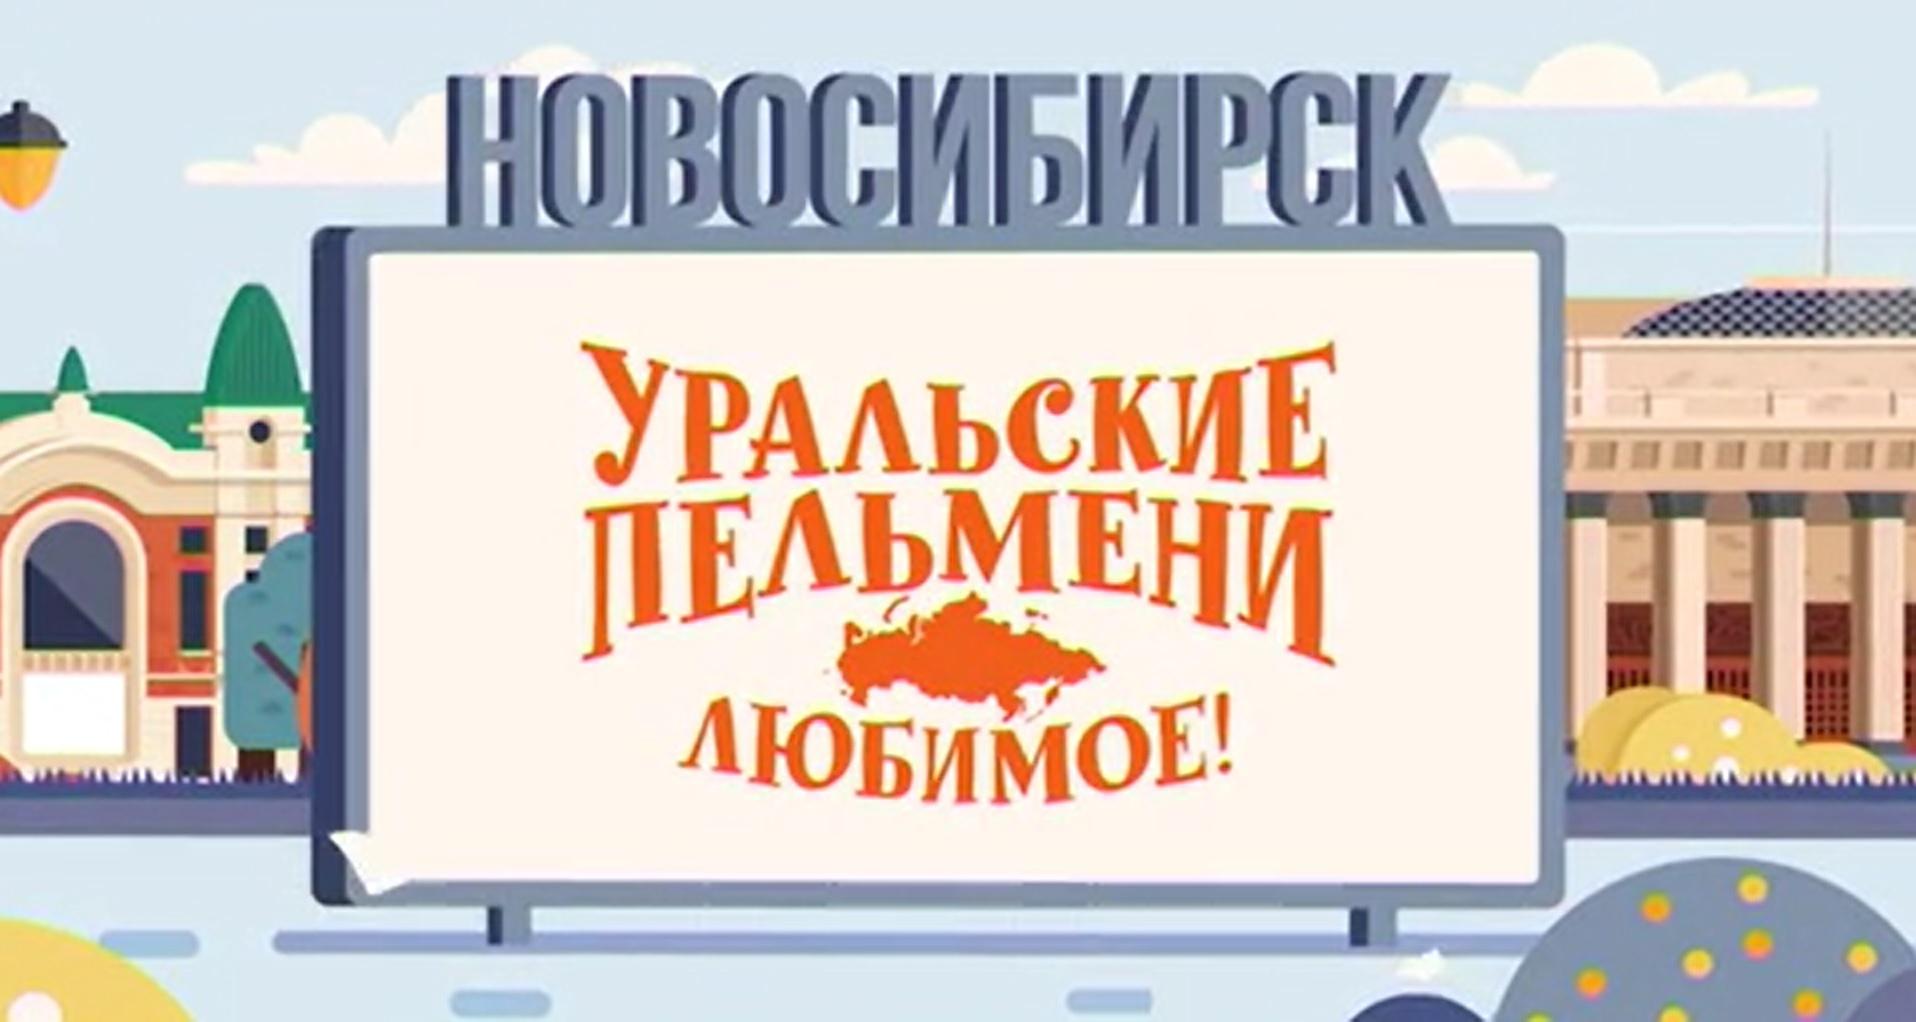 Уральские пельмени. Любимое. Новосибирск